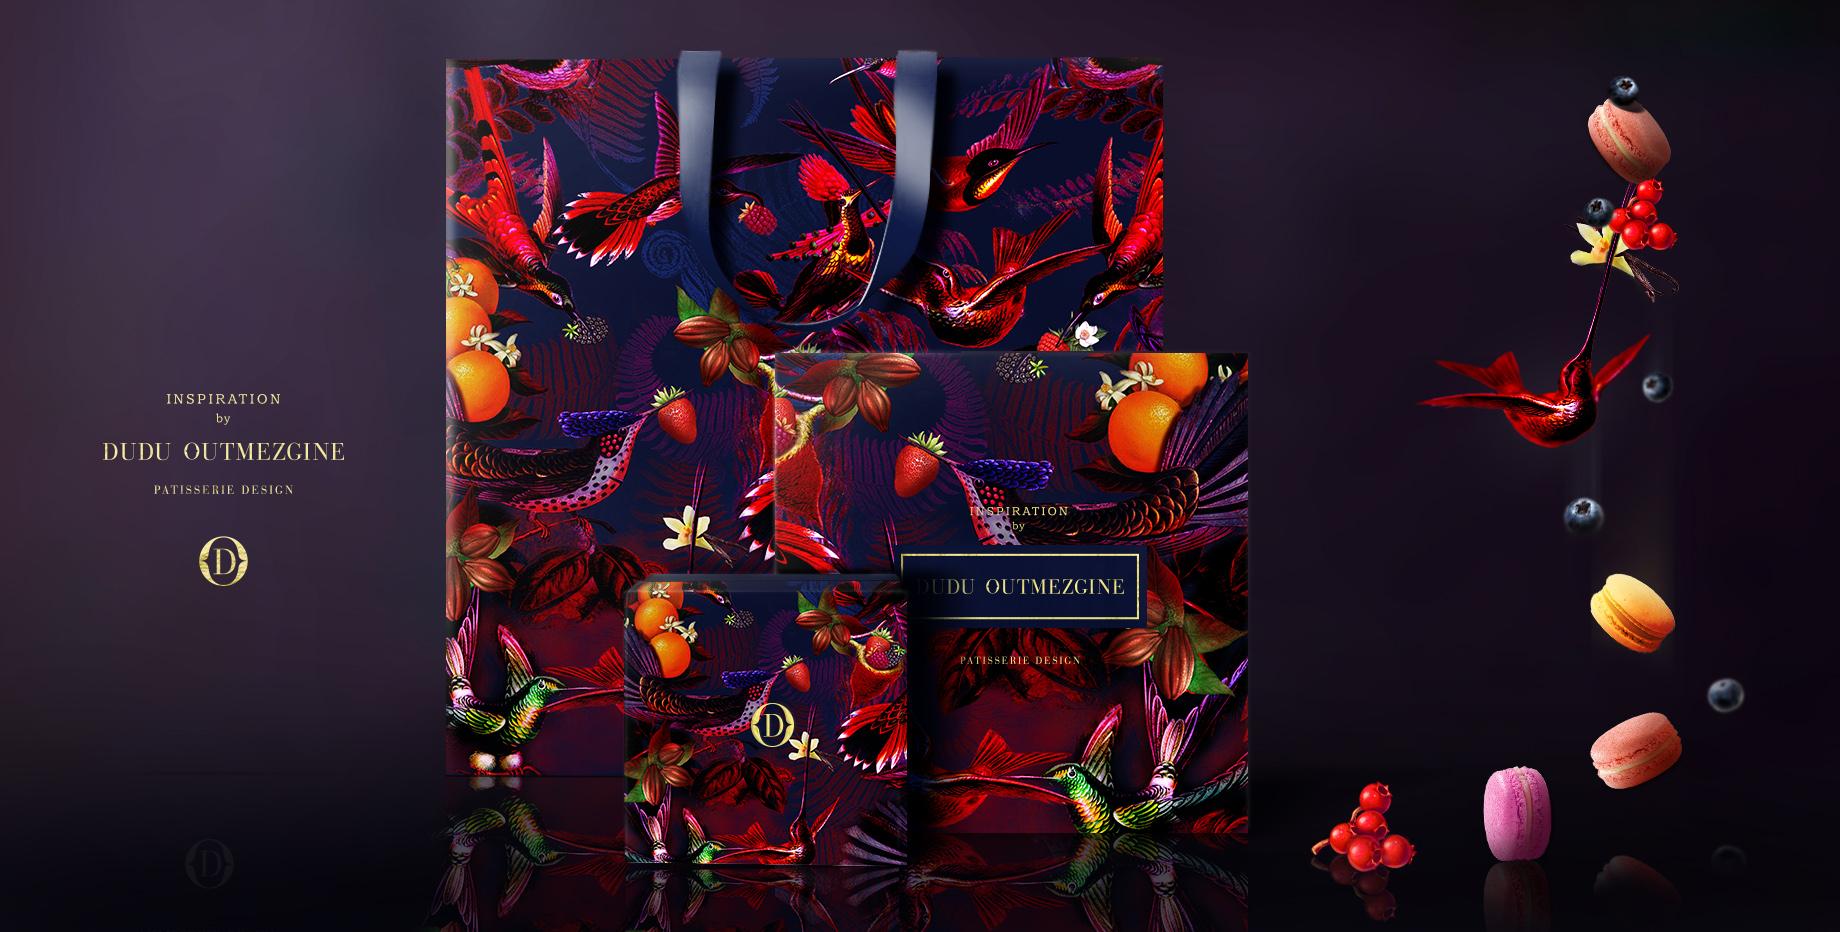 Izzy Nesselrode, Da Colony, Branding, creative design, DUDU OUTMEZGINE, Creative Brand design, packaging design, visual language, Logo design דודו אוטמזגין, פטיסרי, מאפייה, מעדנייה, מיתוג, עיצוב אריזות, עיצוב לוגו, עיצוב אריזות, איזי נסלרוד, דה קולוני, מיתוג, עיצוב, קיראטיב, אסטרטגיה תדמיתית 01